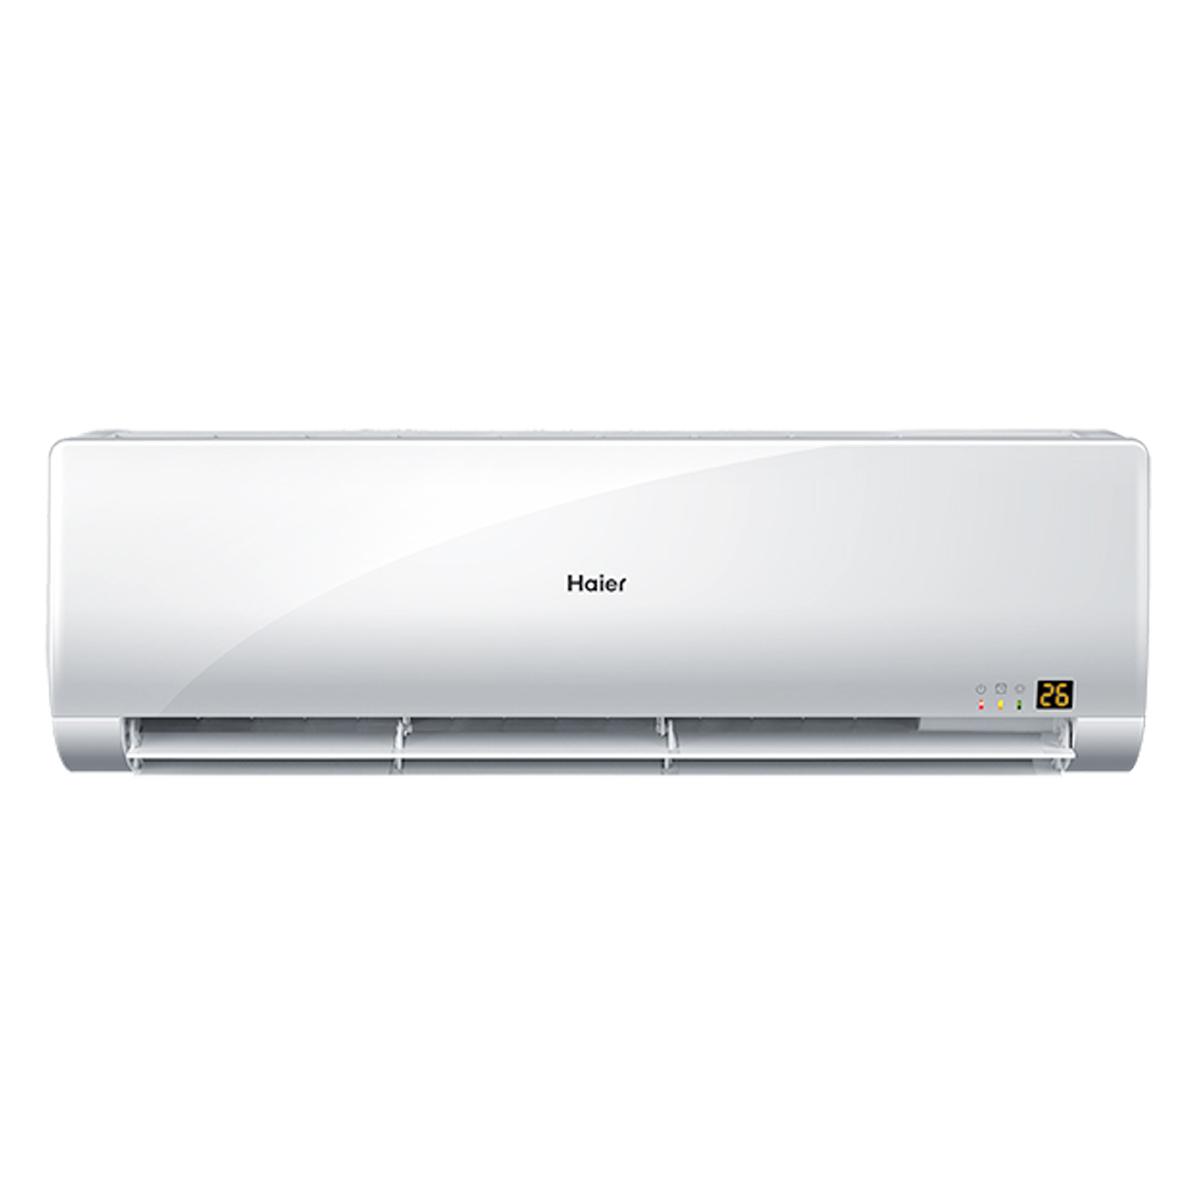 Haier/海尔                         高效定频壁挂式空调                         KFR-50GW/05NHA12套机